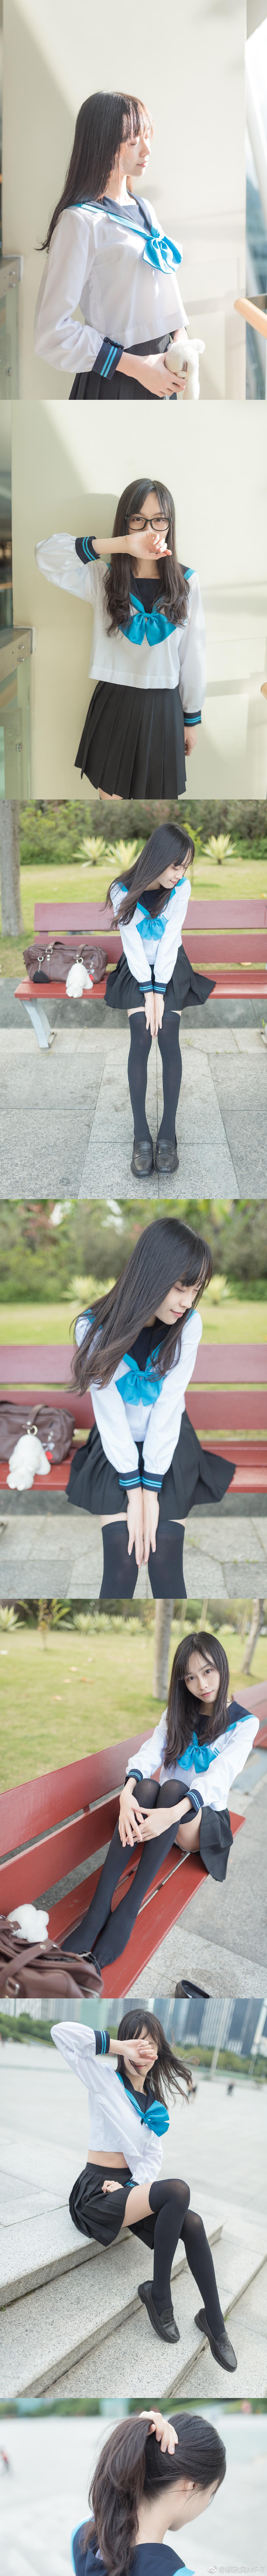 每日妹子图:长腿漂亮小姐姐@岚衣_Lanyee的JK绝对领域